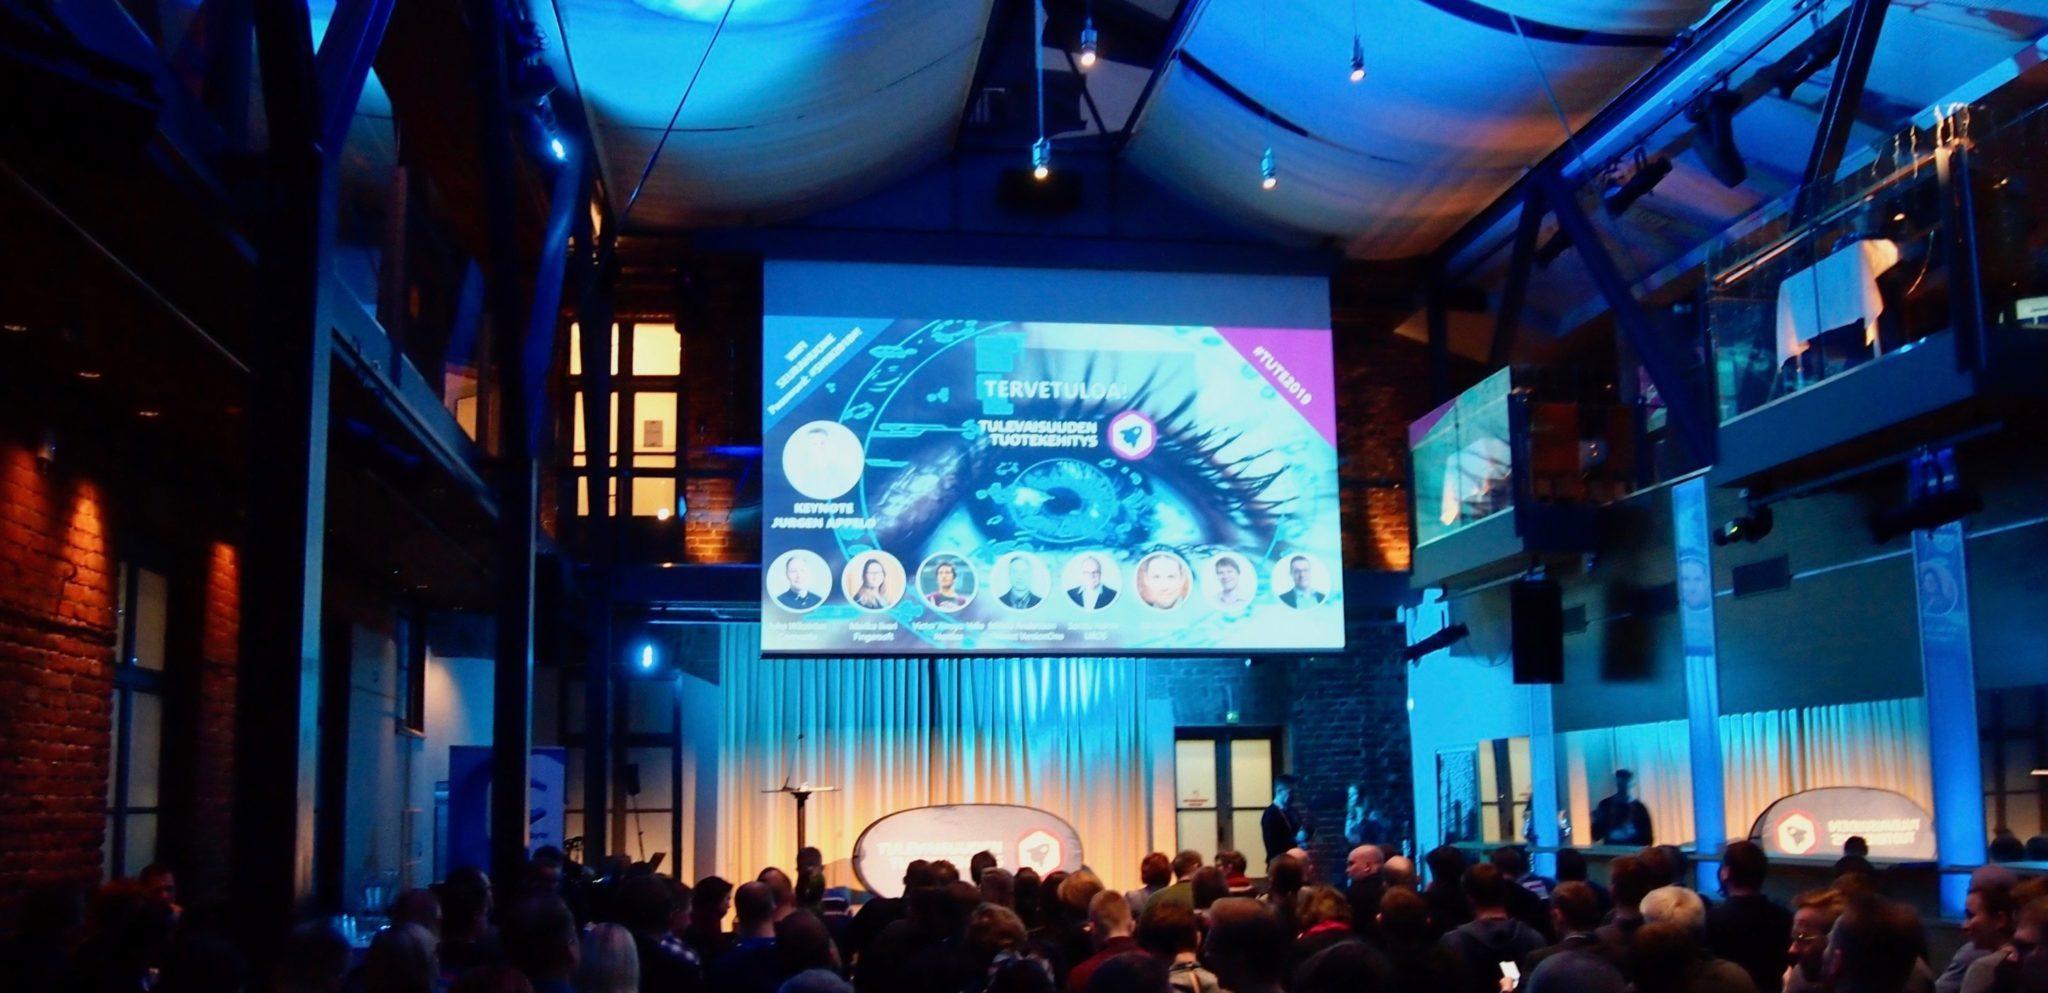 Tulevaisuuden Tuotekehitys -seminaari – Vuoden tärkein tuotekehitystapahtuma